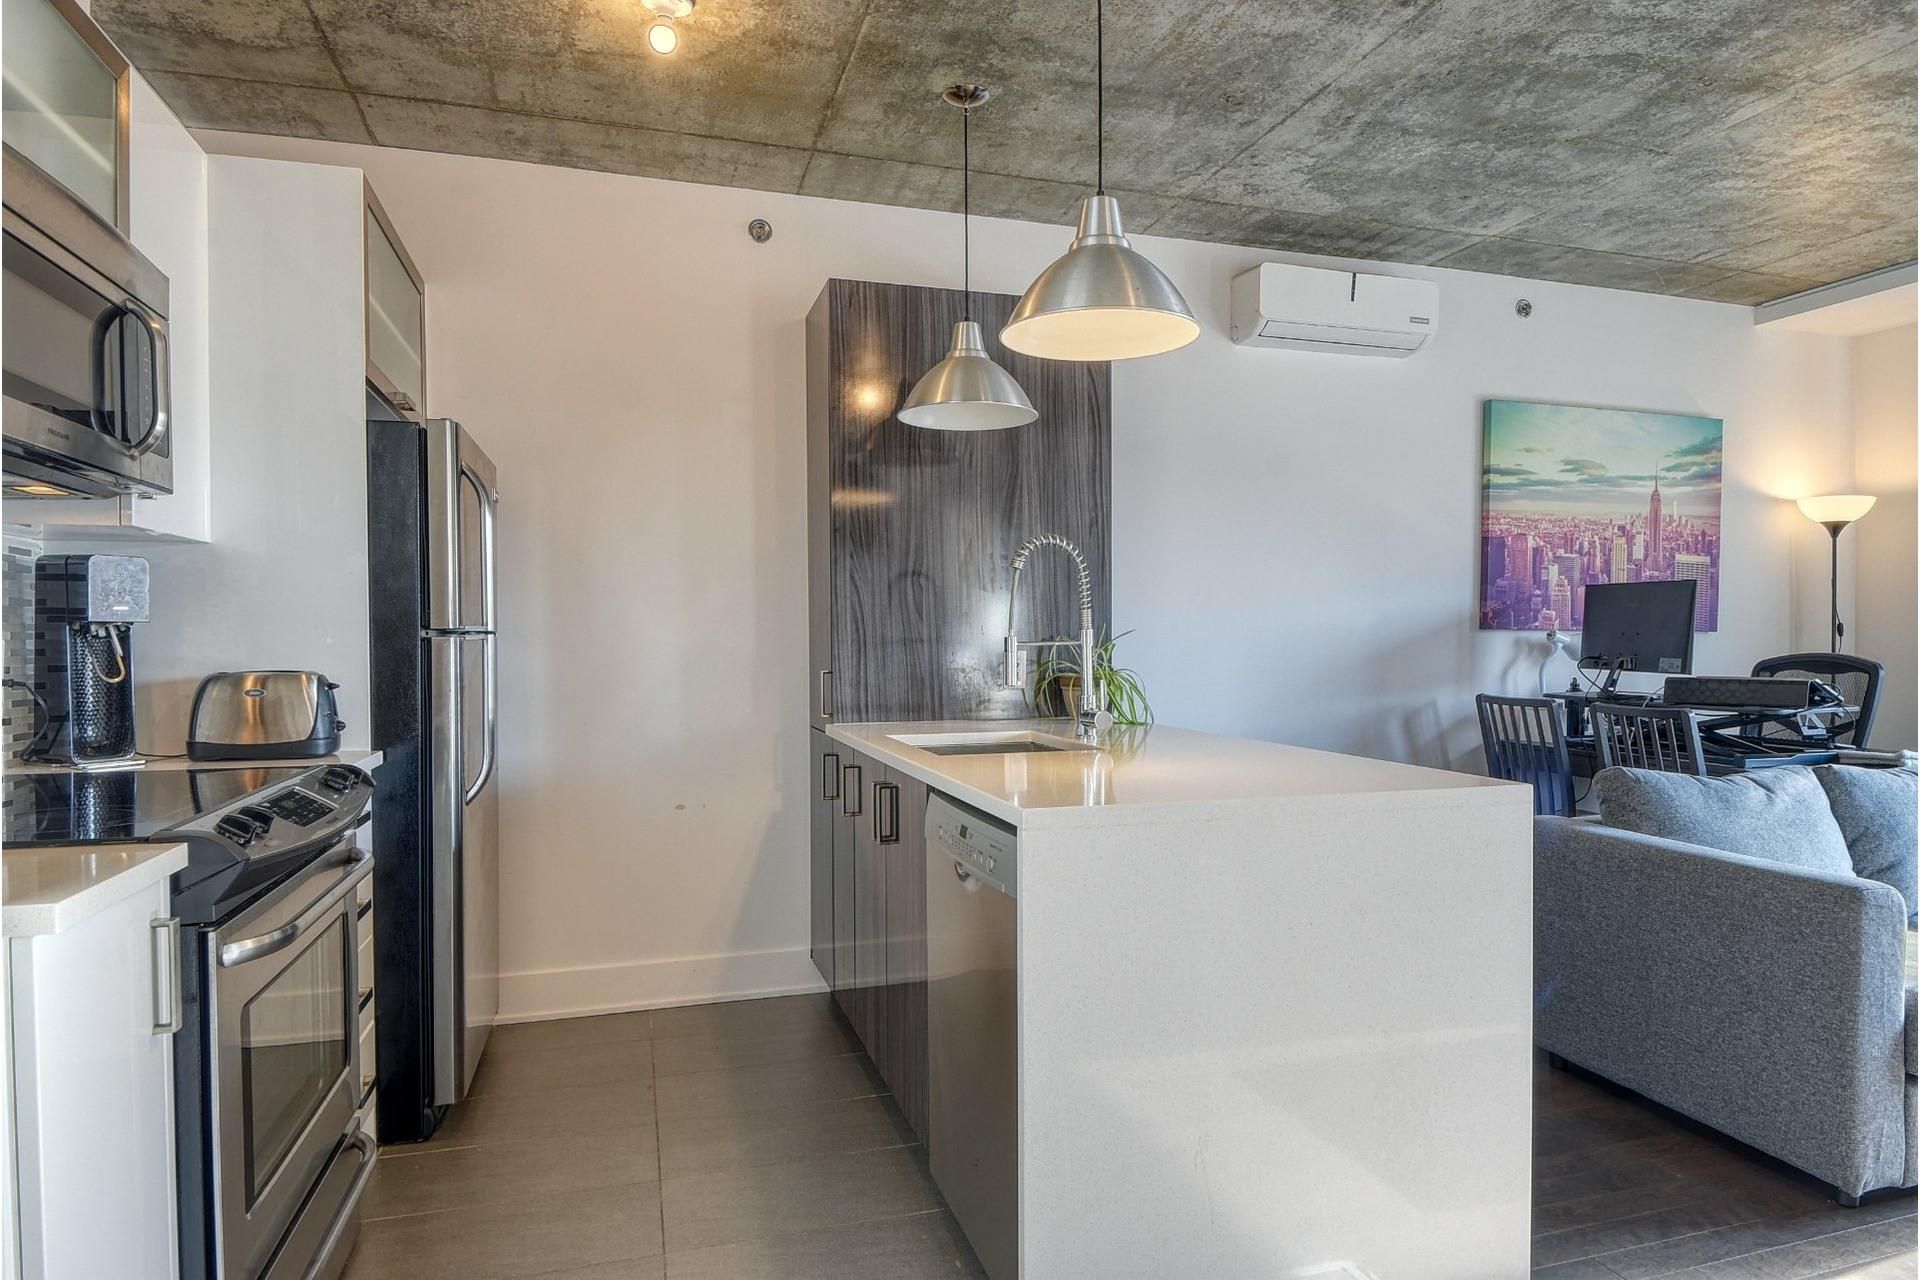 image 5 - Apartment For sale Ville-Marie Montréal  - 5 rooms